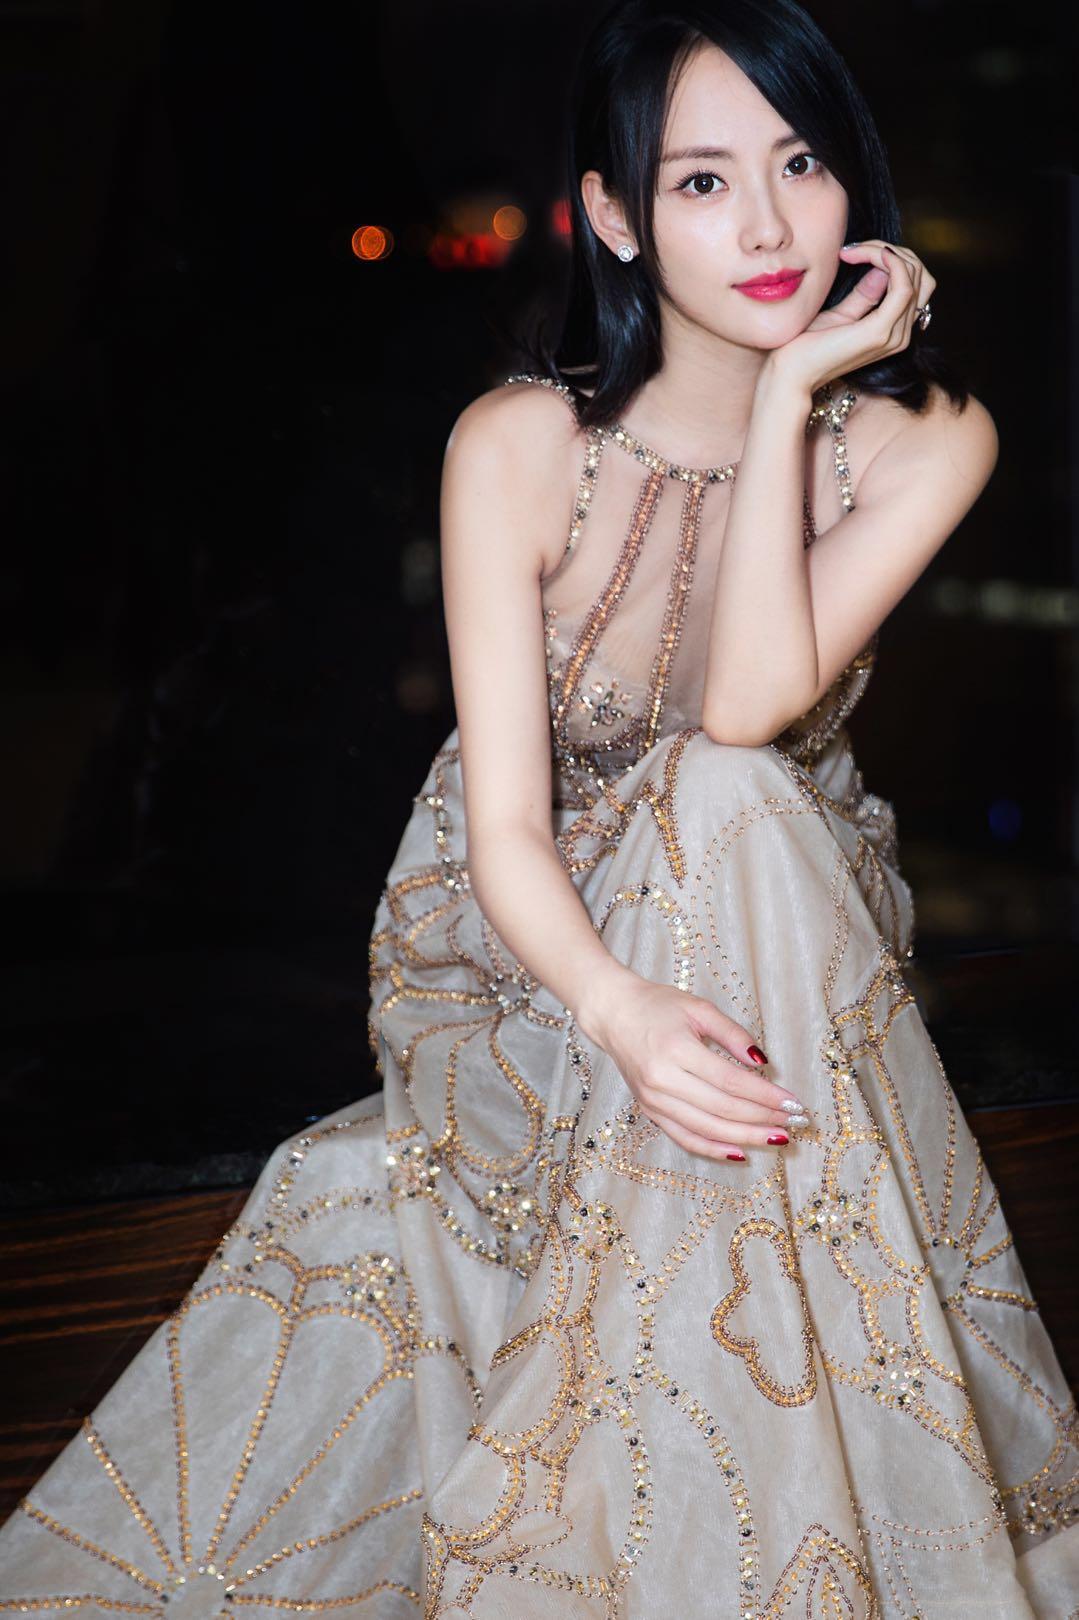 张嘉倪一袭金色长裙携手戴比尔斯珠宝甜美亮相2017美妆V赏